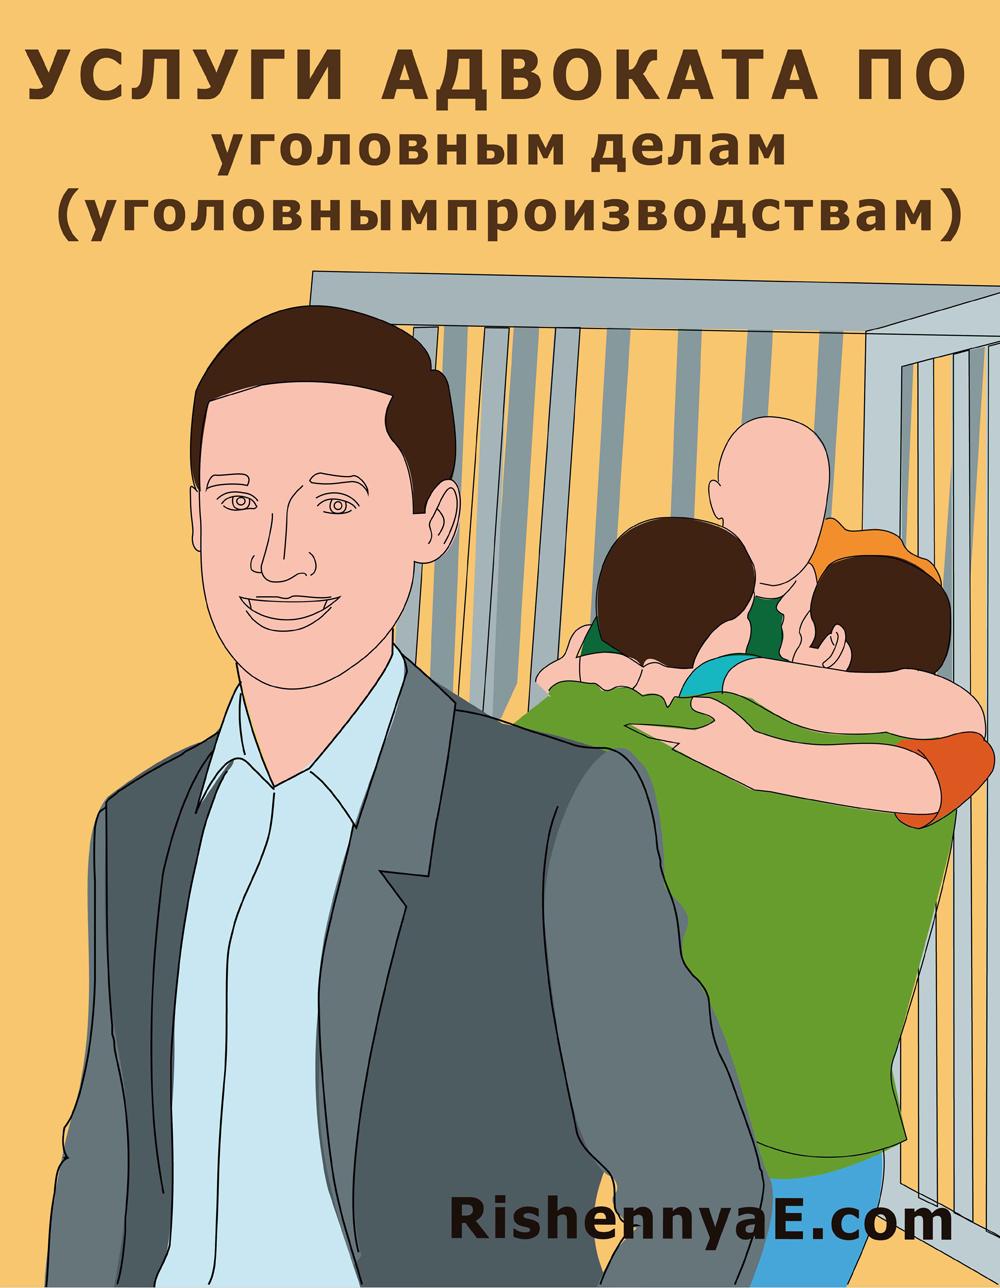 услуги адвоката по уголовным делам (уголовным производствам) http://rishennyae.com